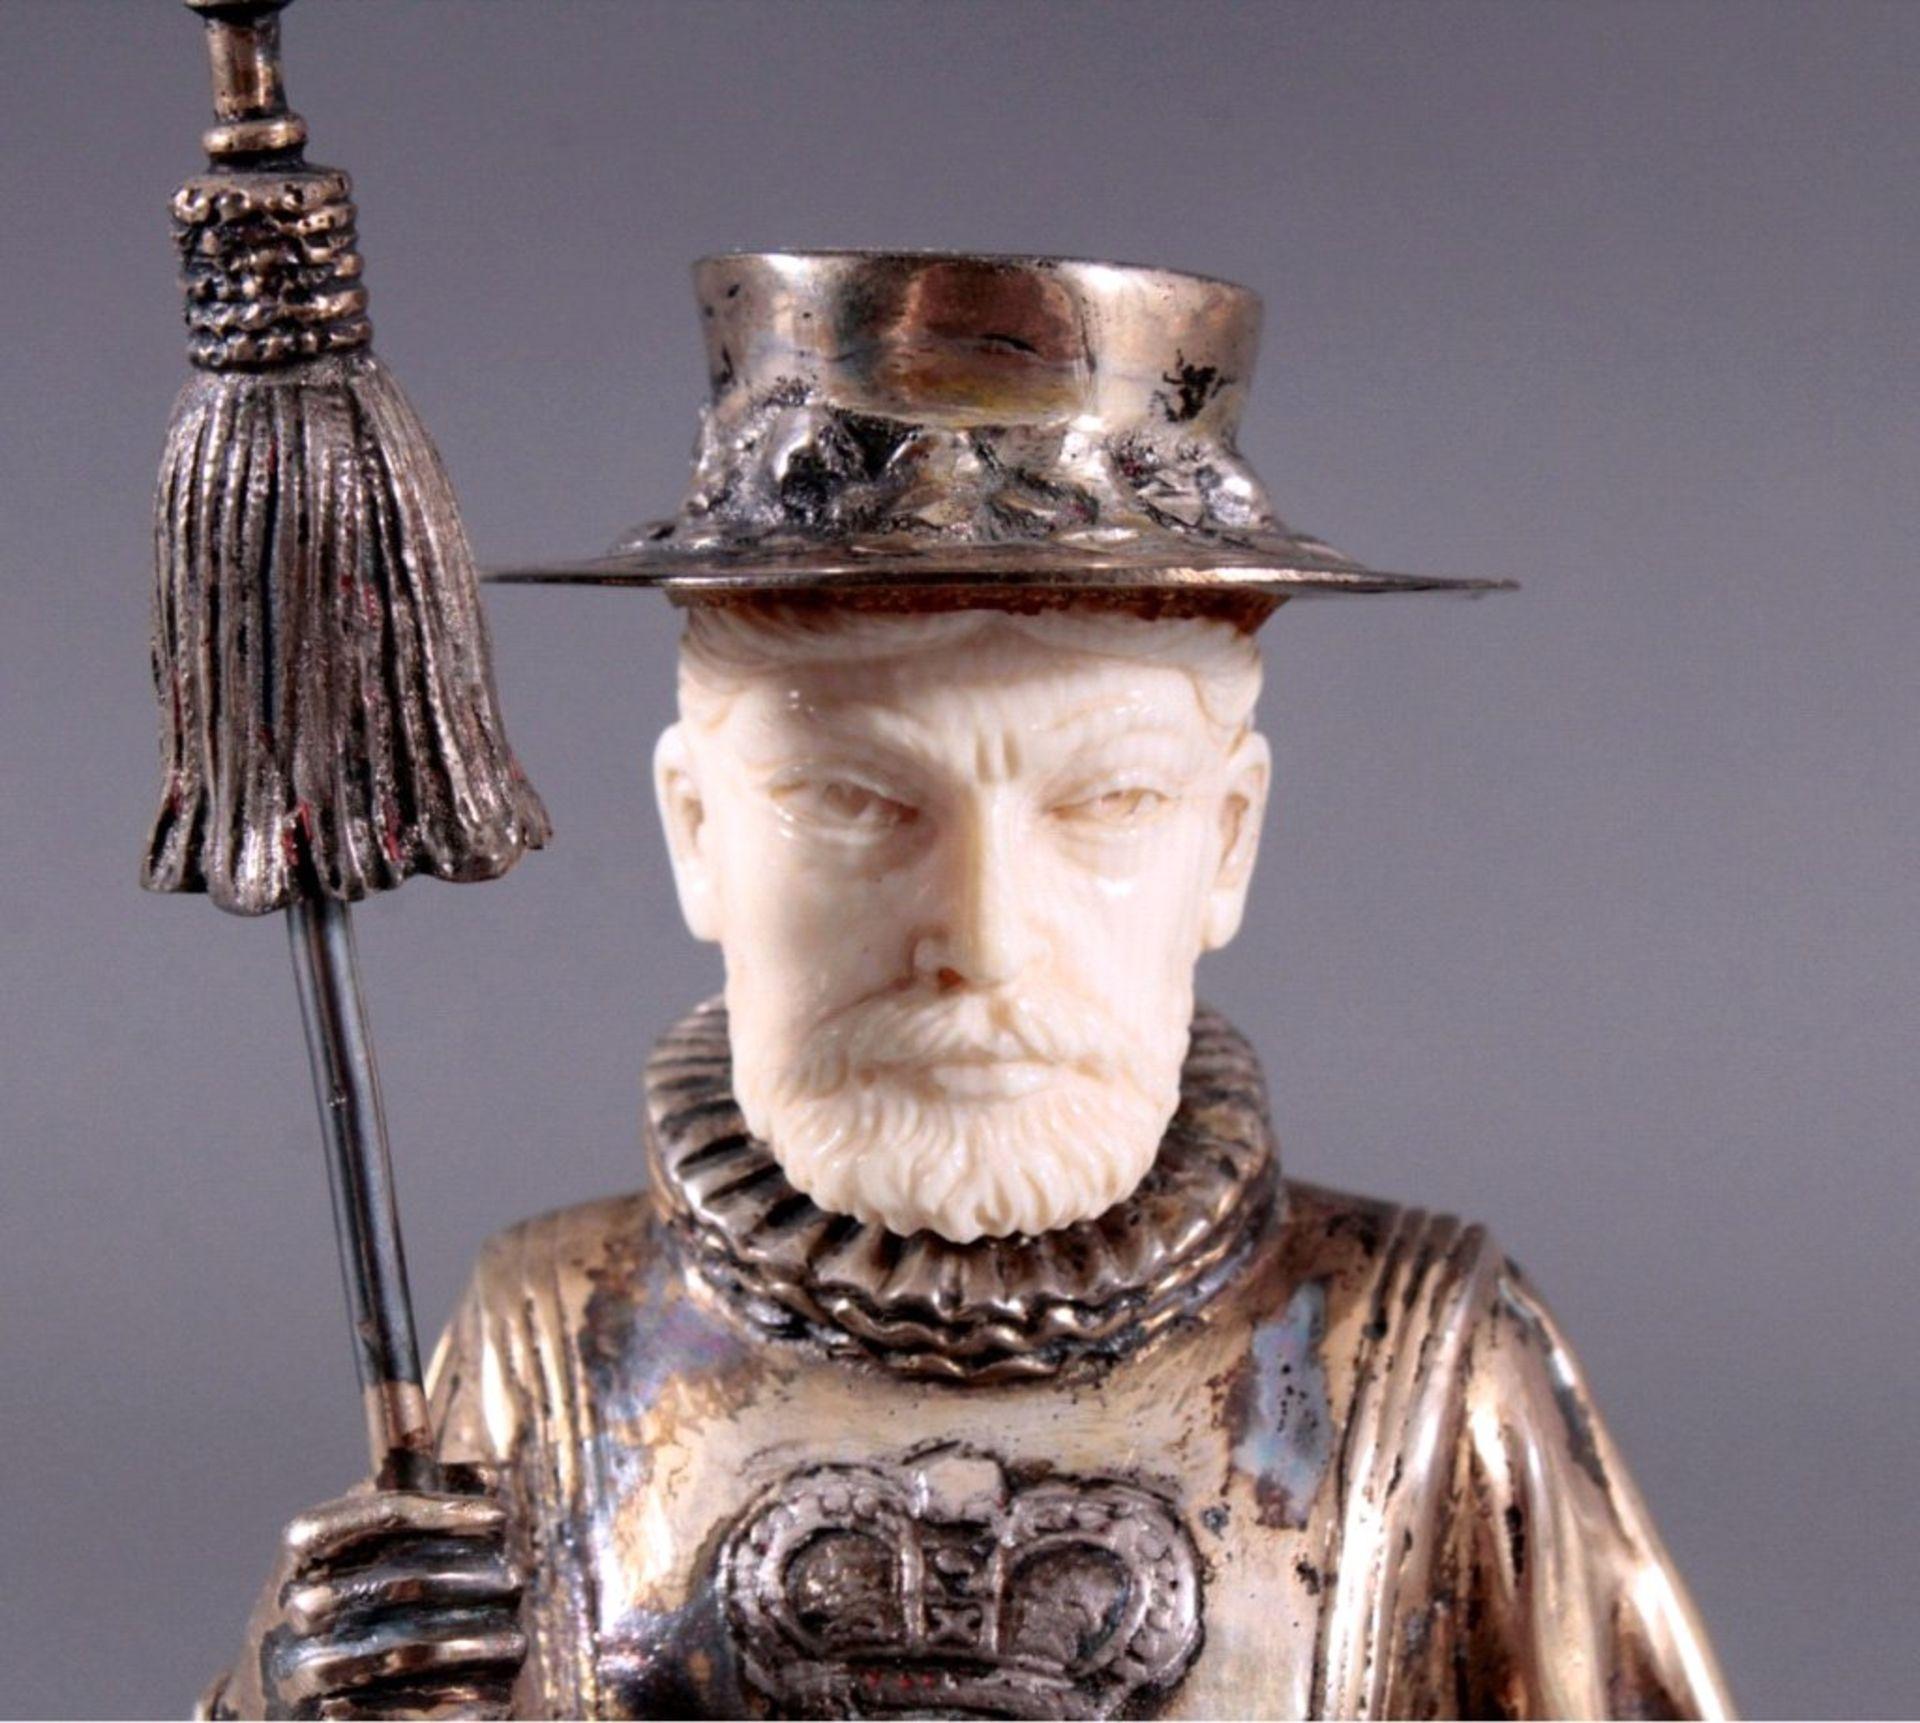 Historismus-Silber-Elfenbein-Figur925er, teilvergoldet/Elfenbein, um 1900 auf durchbrochenem, - Bild 5 aus 6